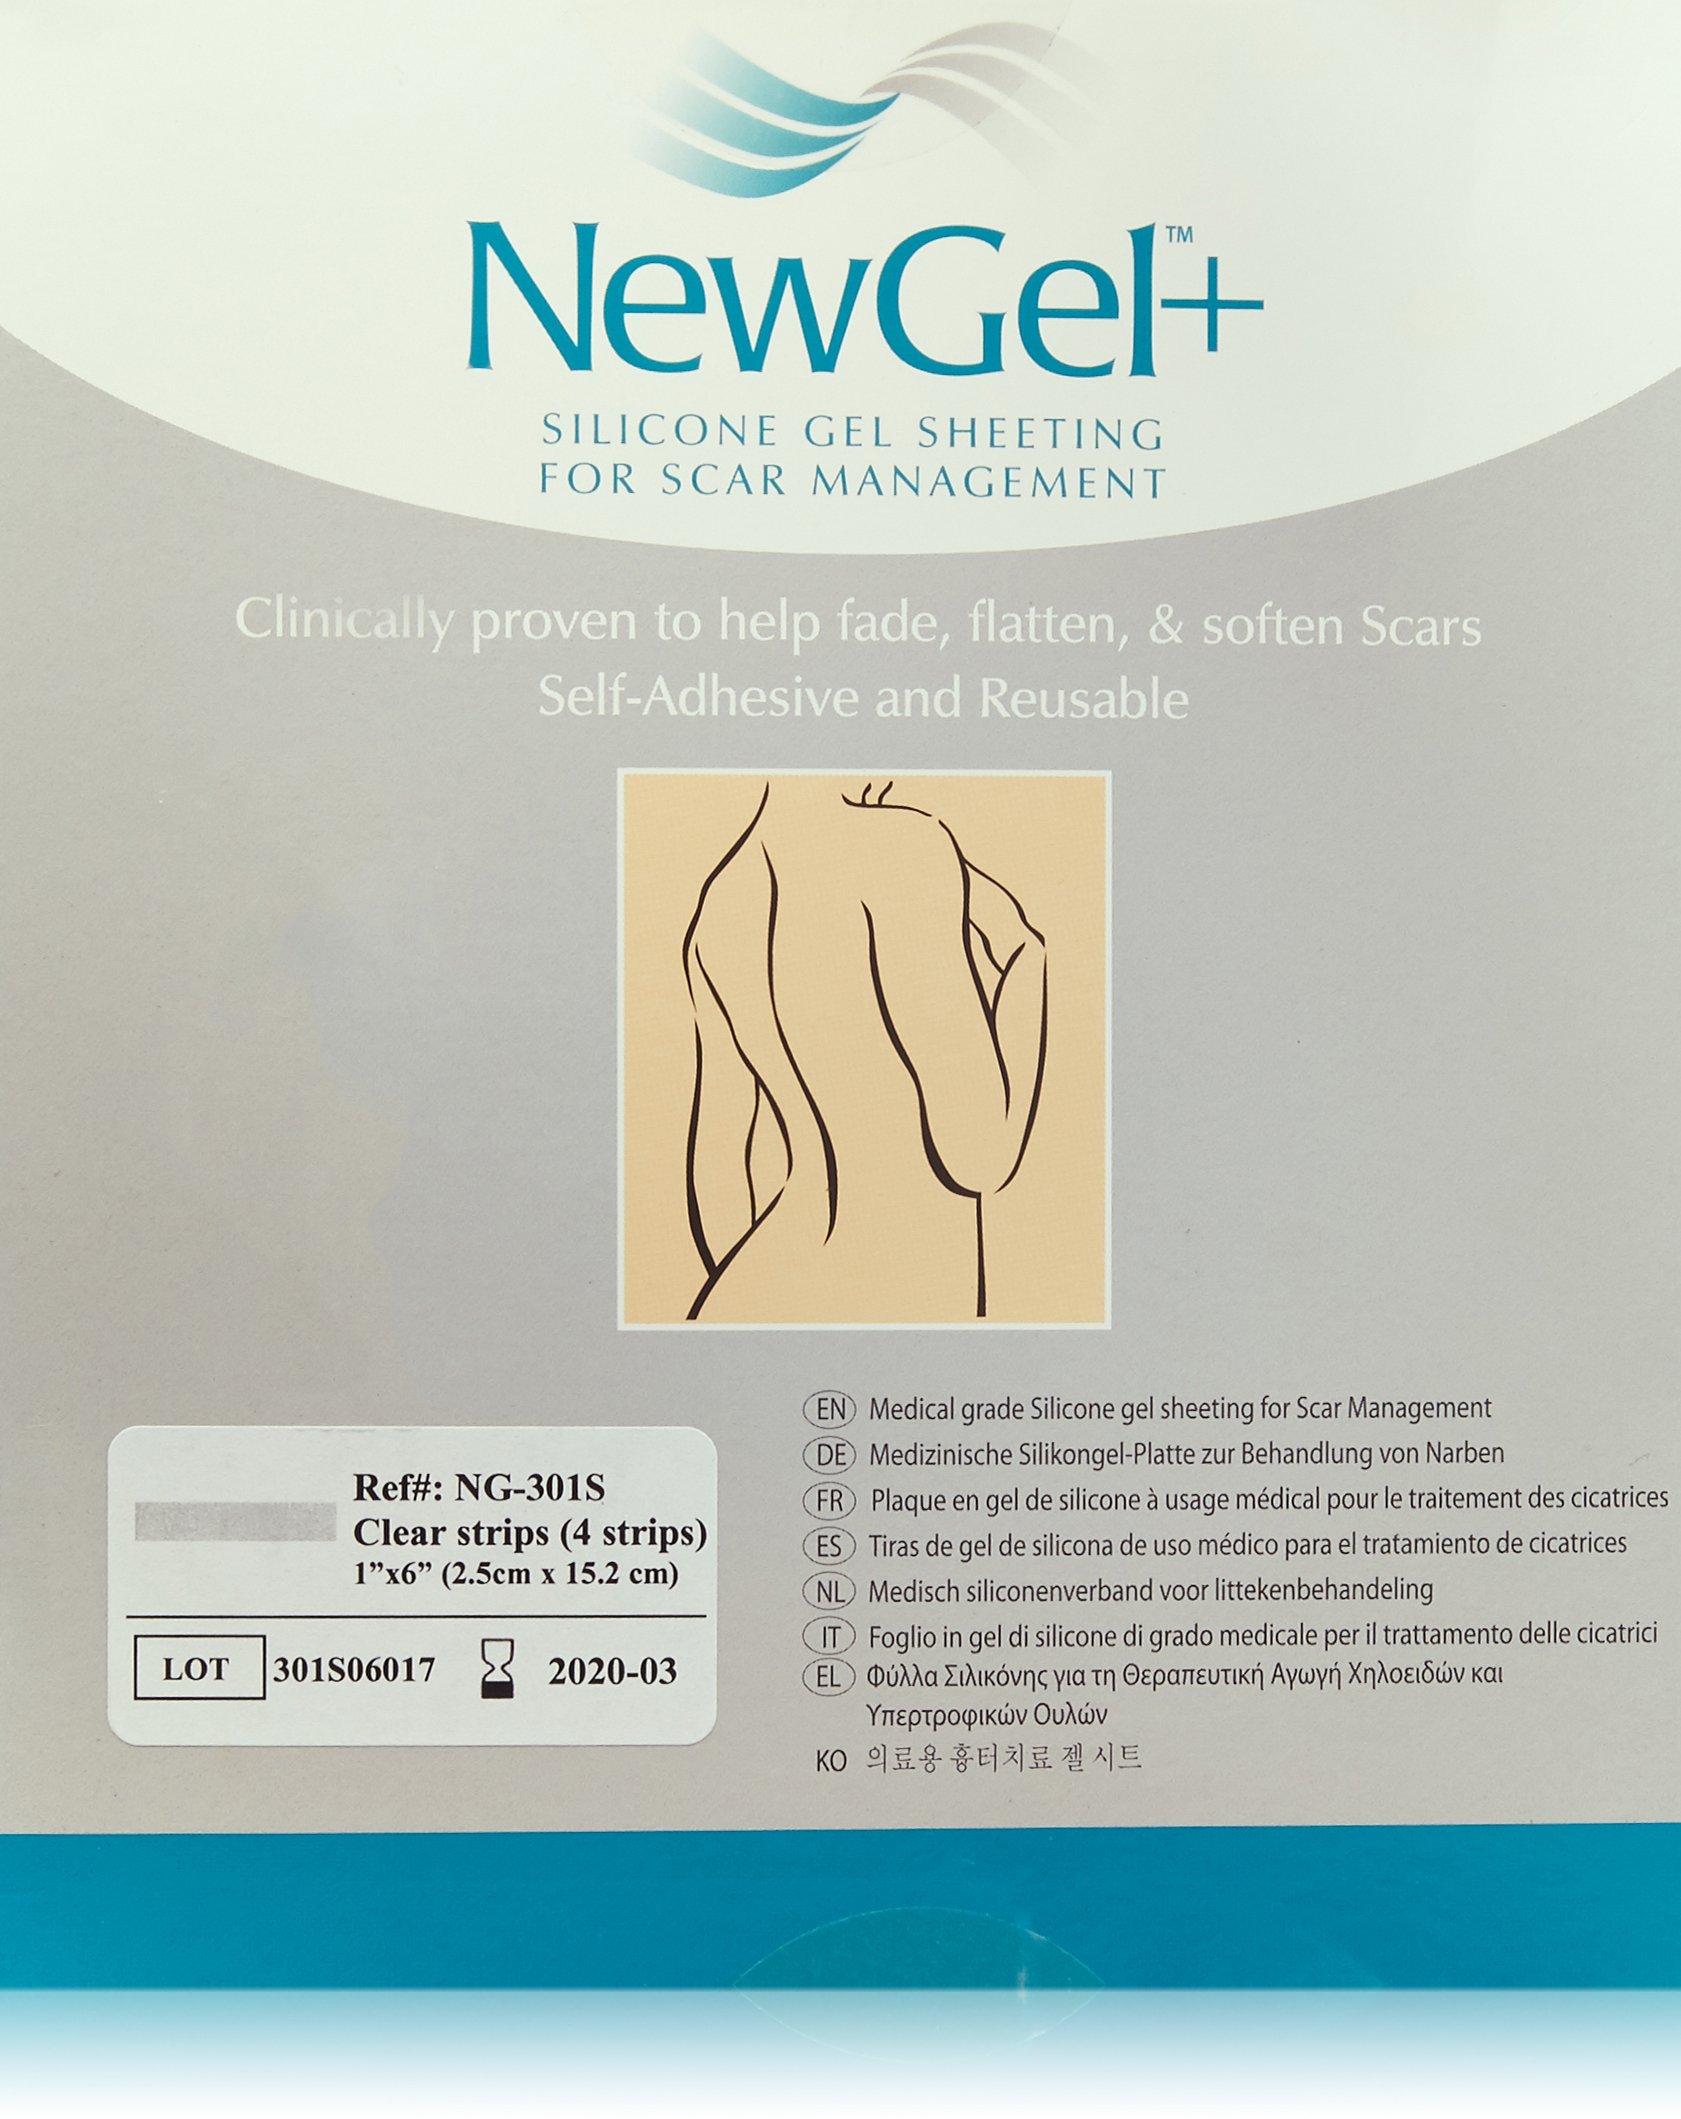 NewGel+ Silicone Gel Strips for Scar Managment - 1'' x 6'' Strips Clear (4 per box)